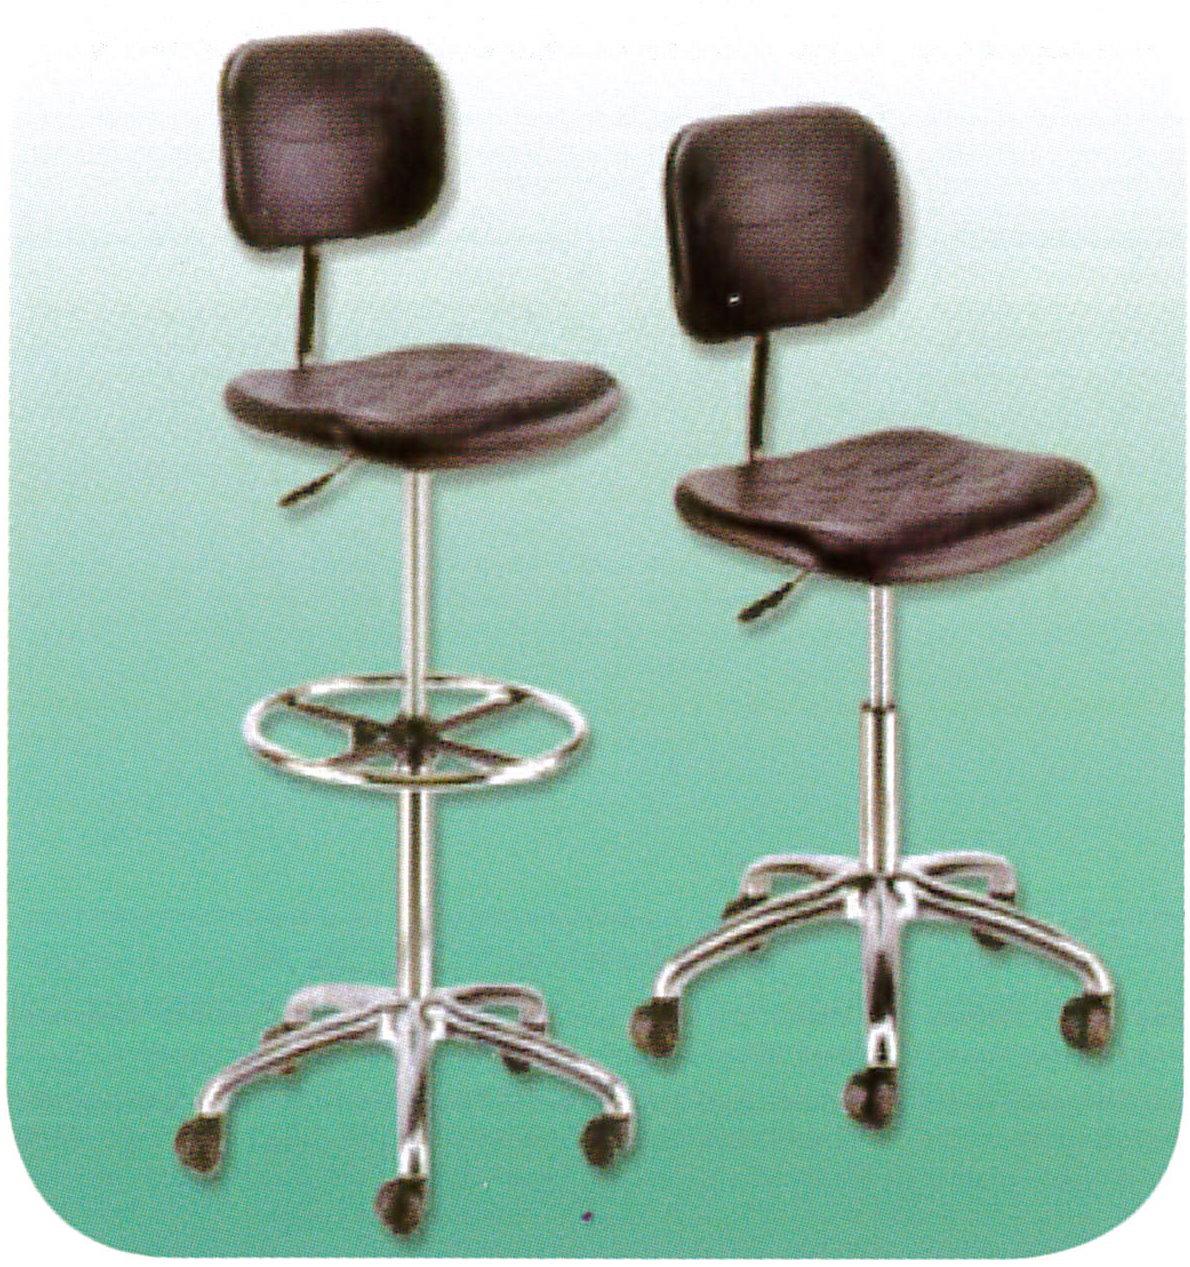 無塵椅/無塵室專用吸塵器